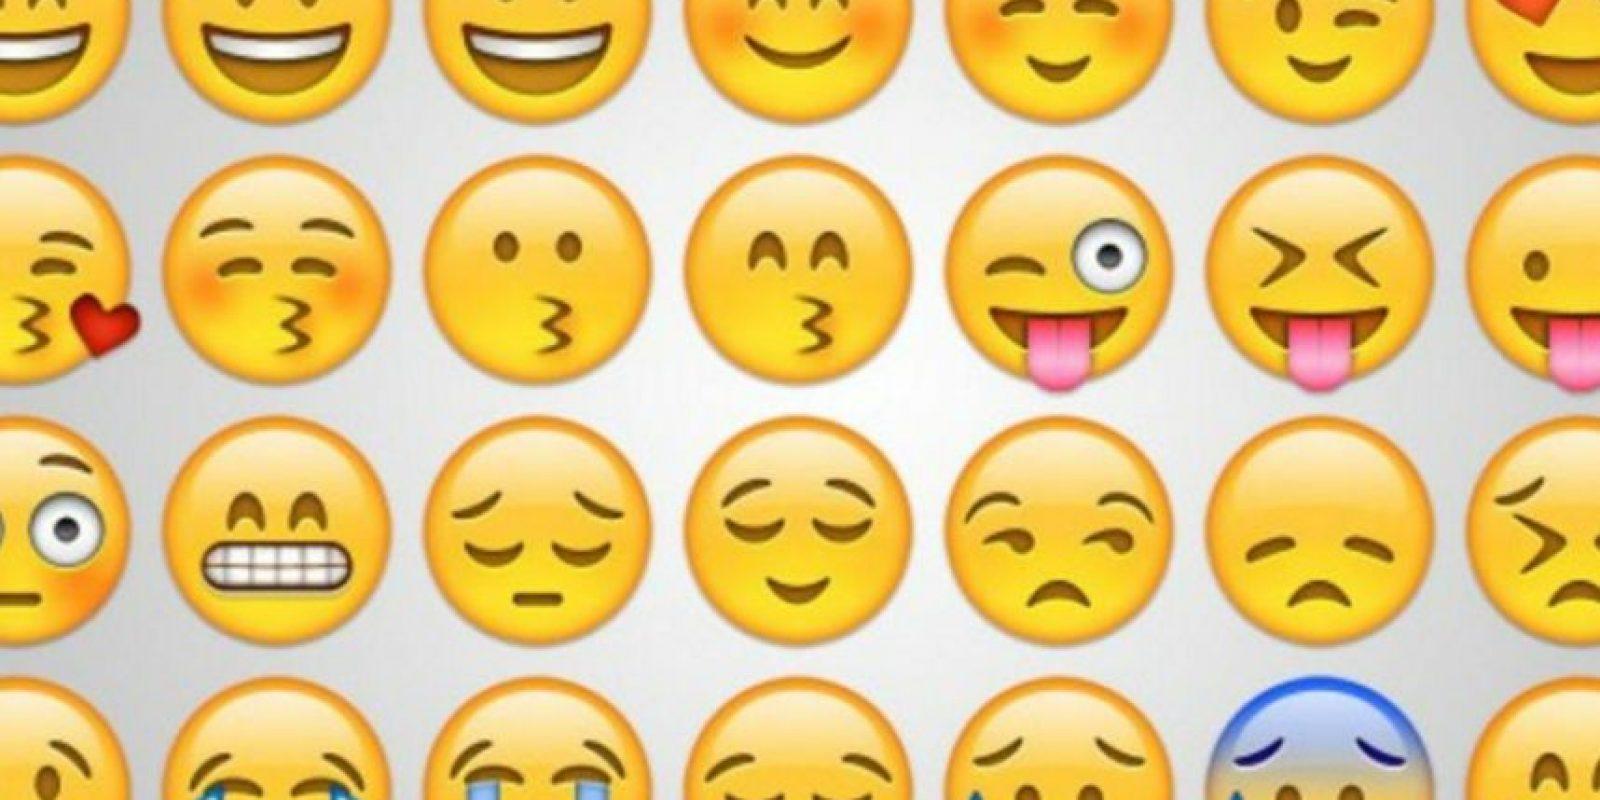 Los emojis siguen gozando de su popularidad. Foto:vía Pinterest.com